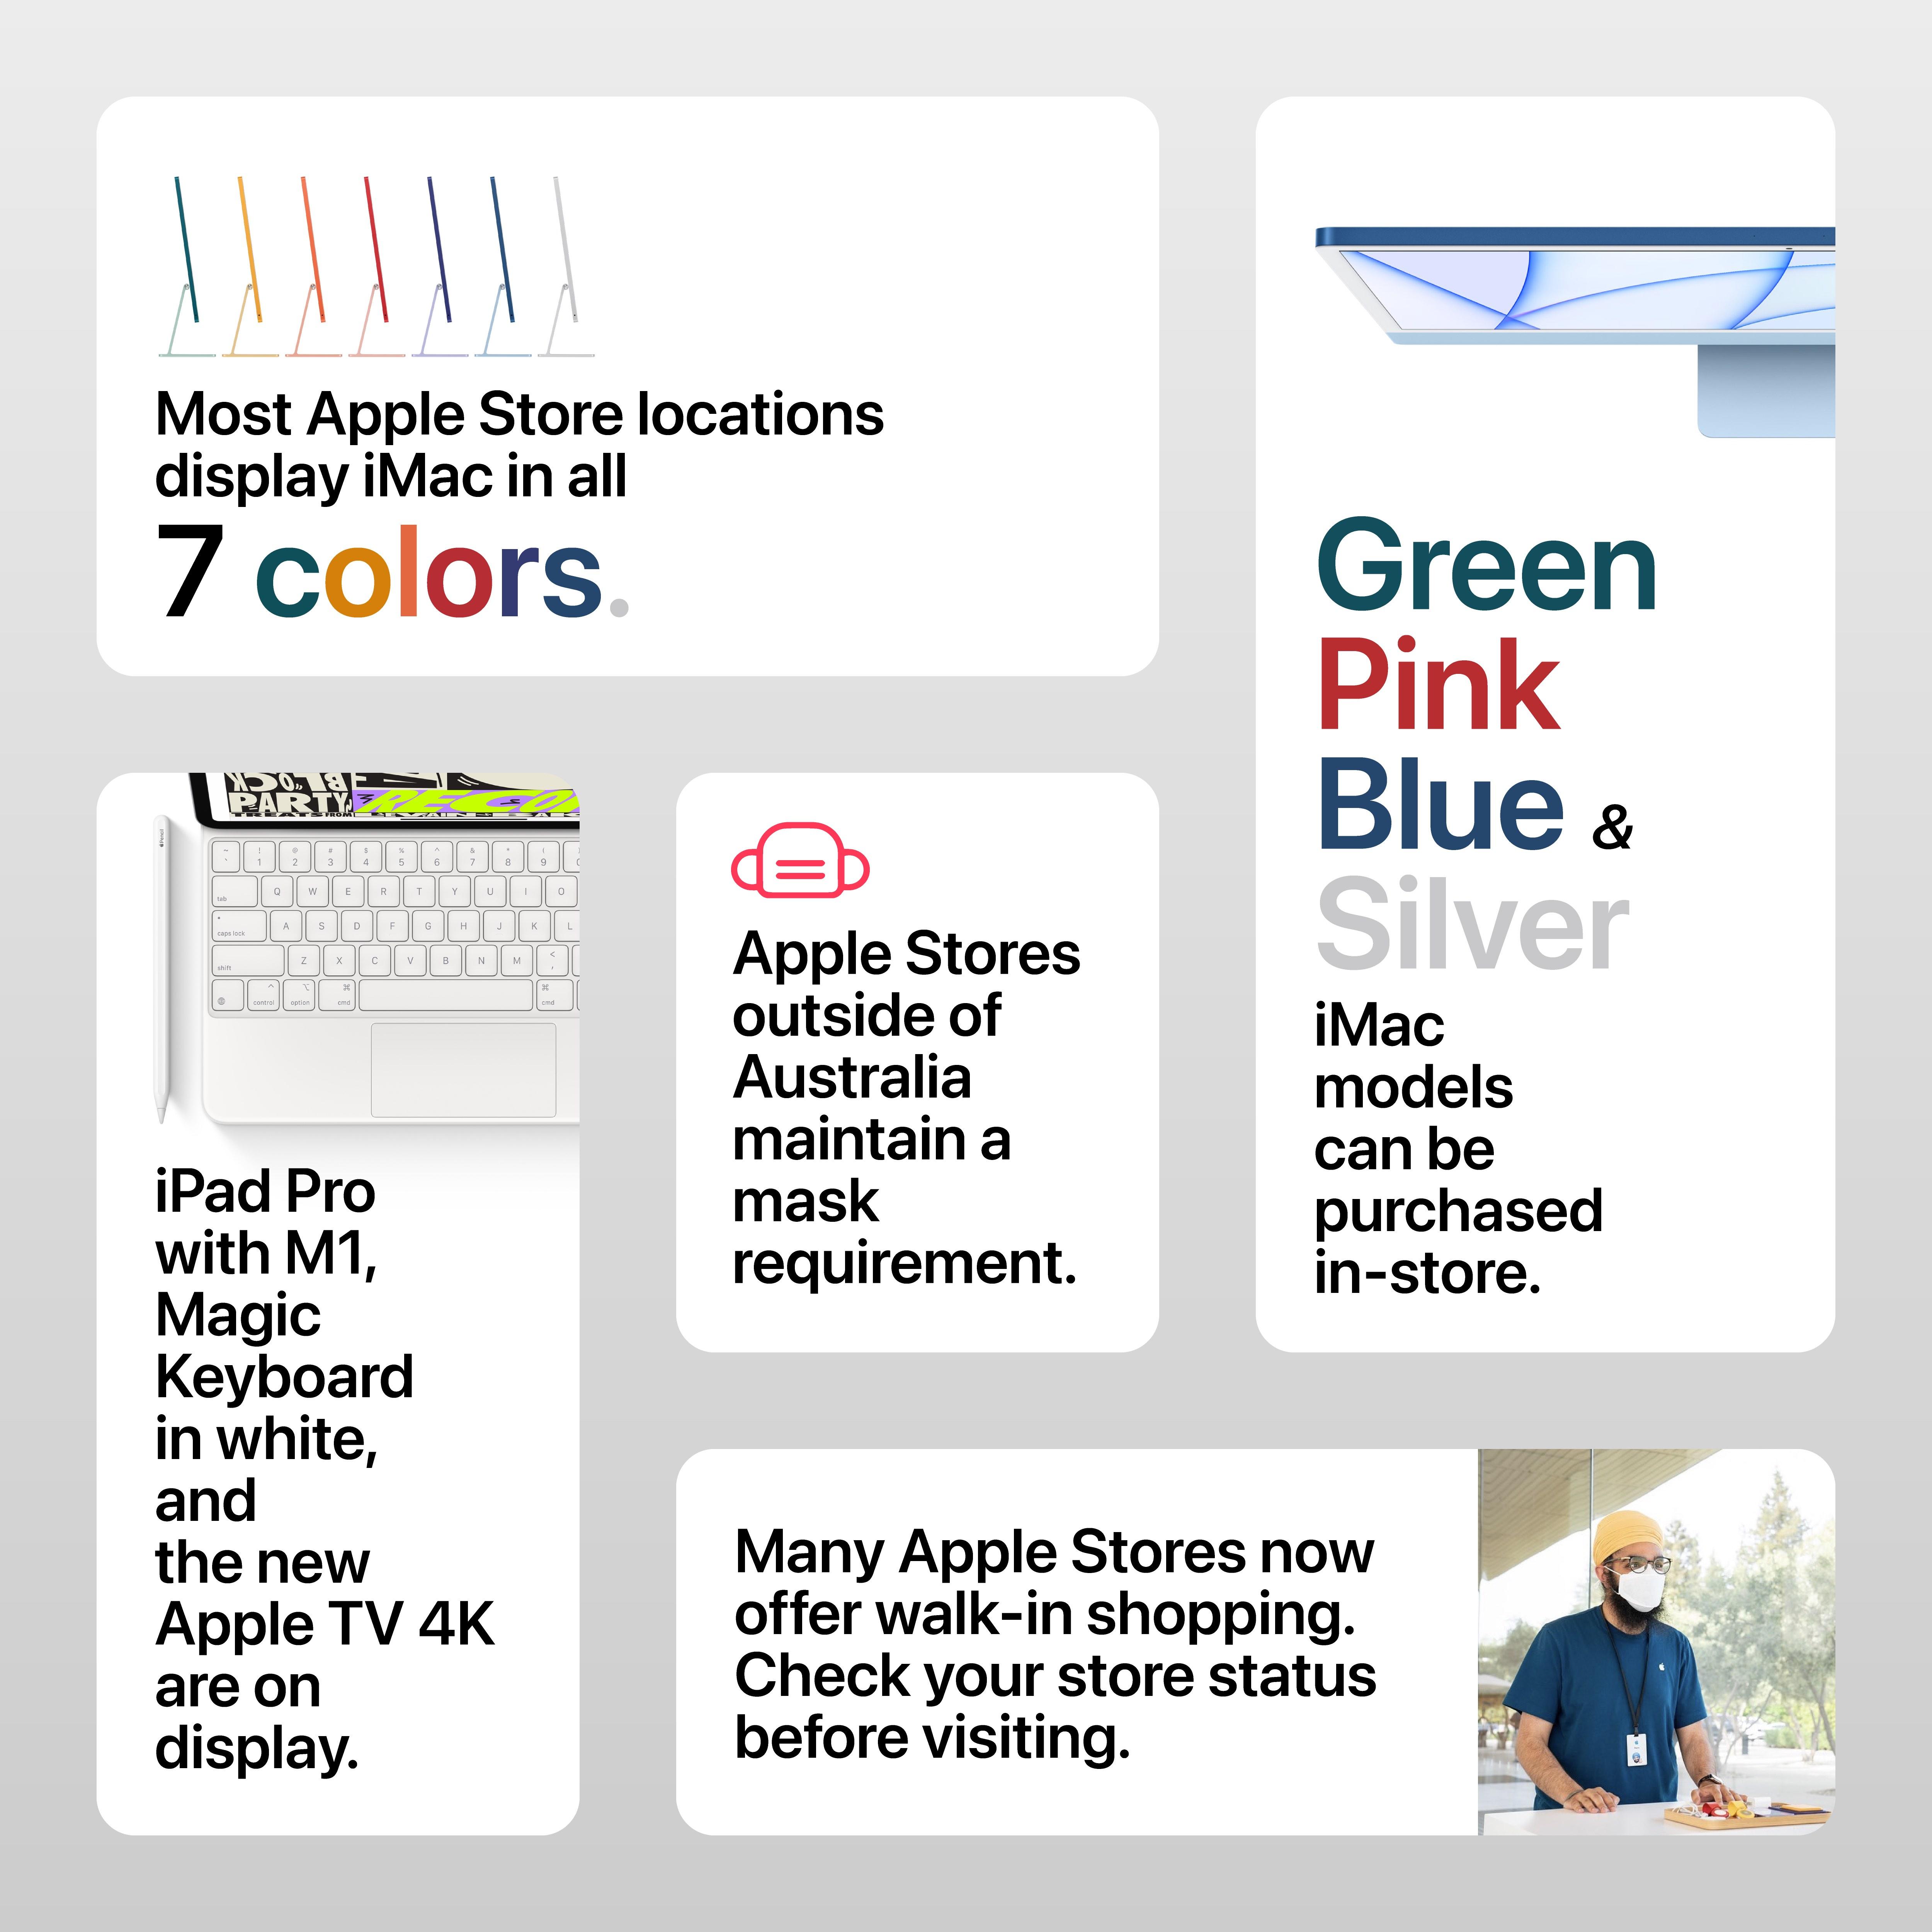 ¿Cómo visitar Apple Store para ver iMac, iPad Pro?  Con M1 և Apple TV 4K.